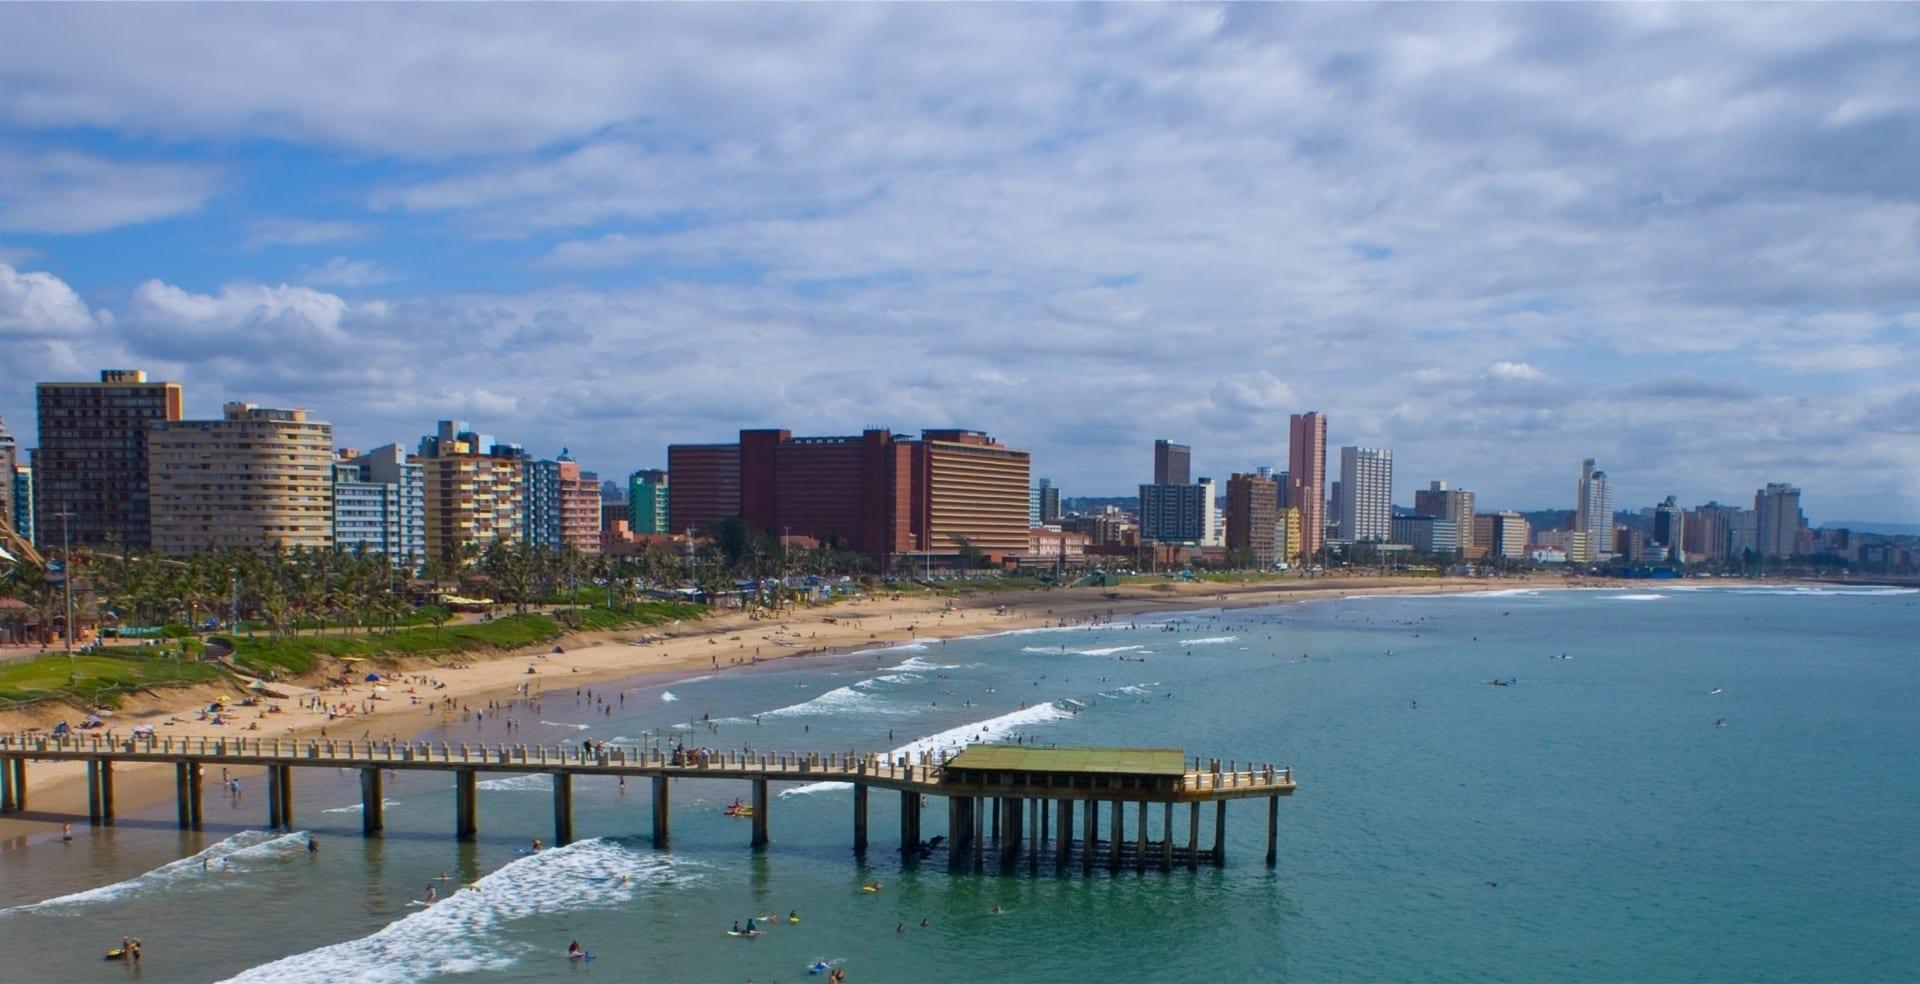 En la playa de Durban. Durban República de Sudáfrica